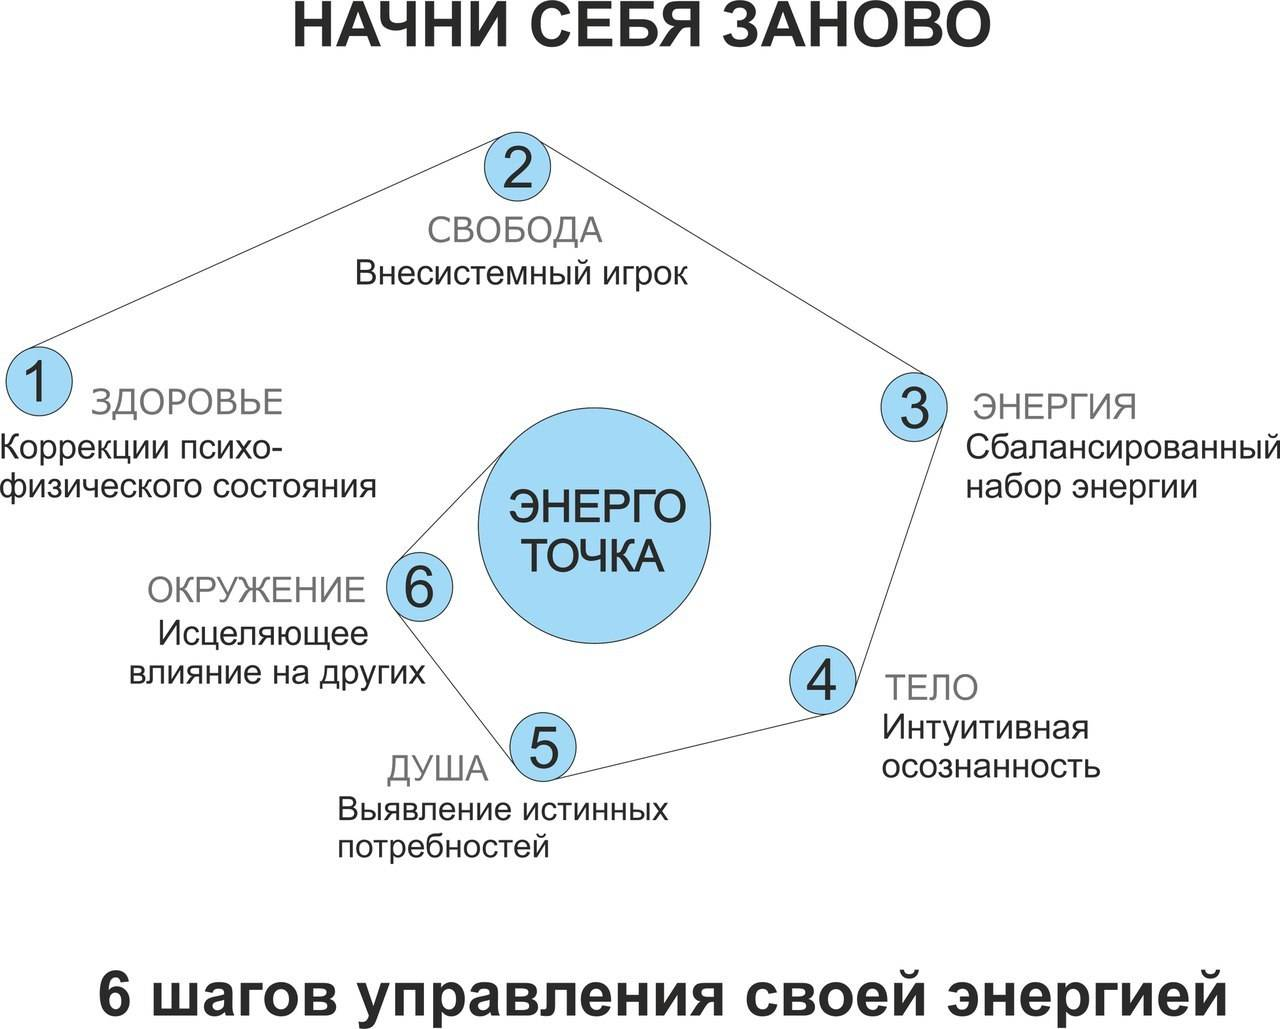 Особенности отношений между участниками треугольника карпмана